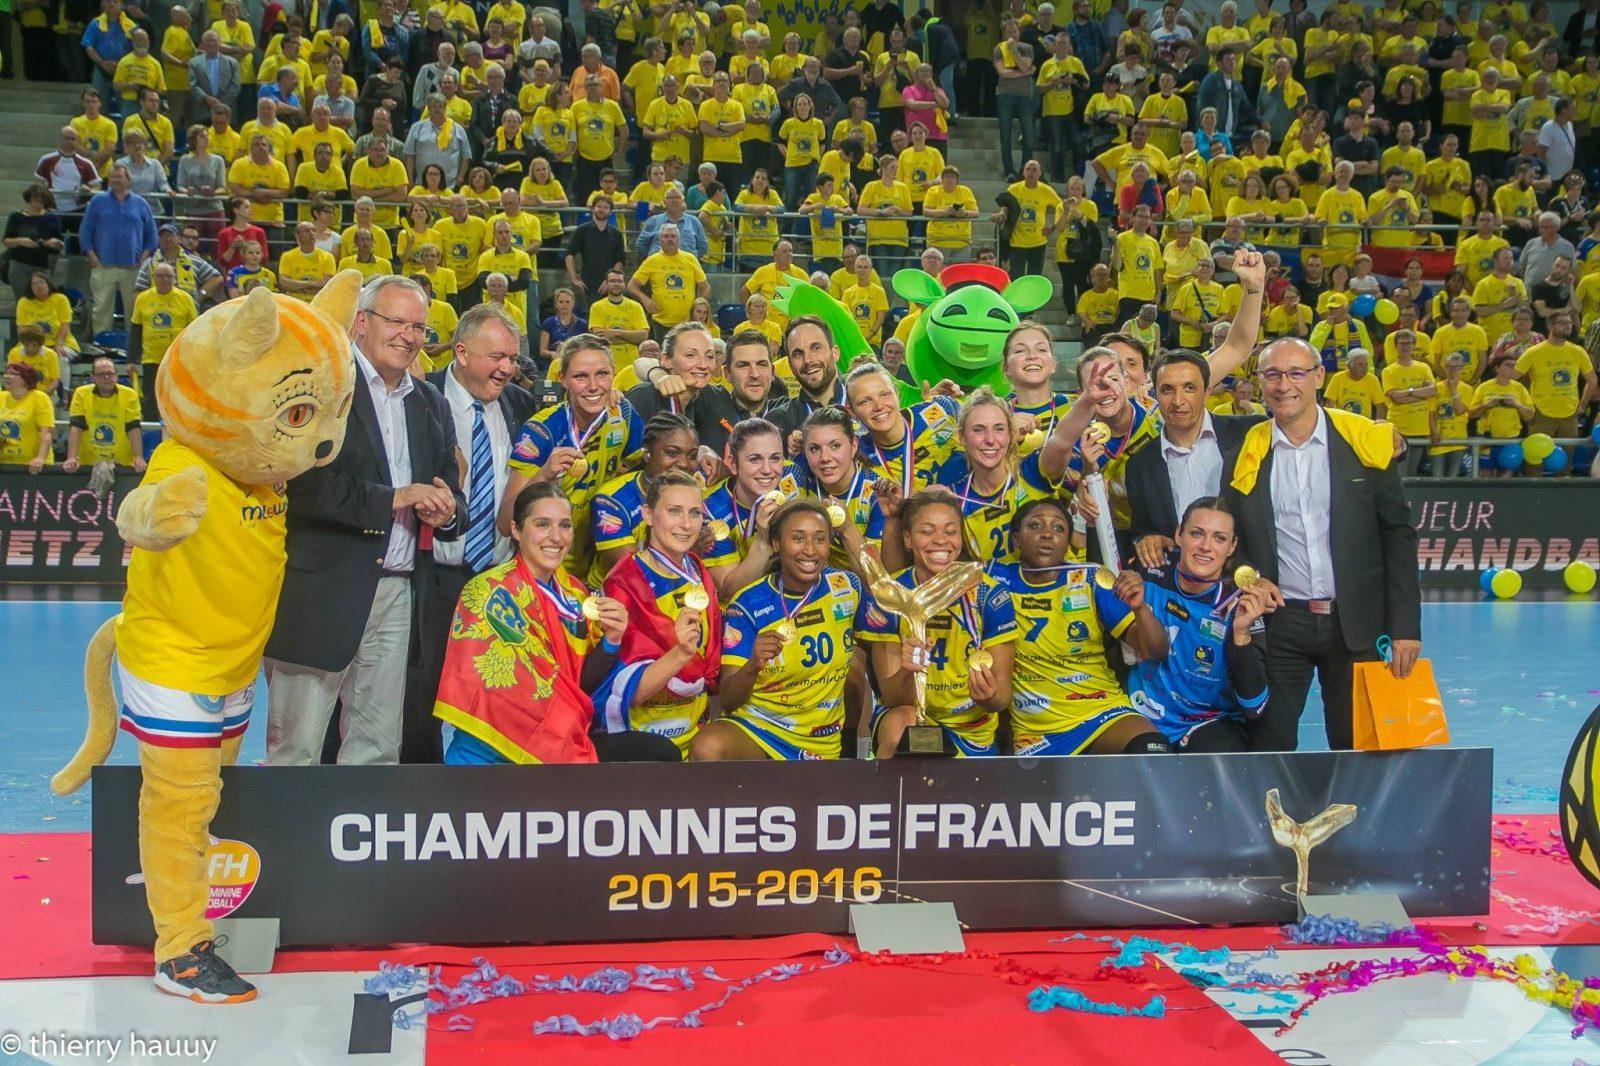 Metz Handball : les dragonnes championnes de France pour la 20ème fois